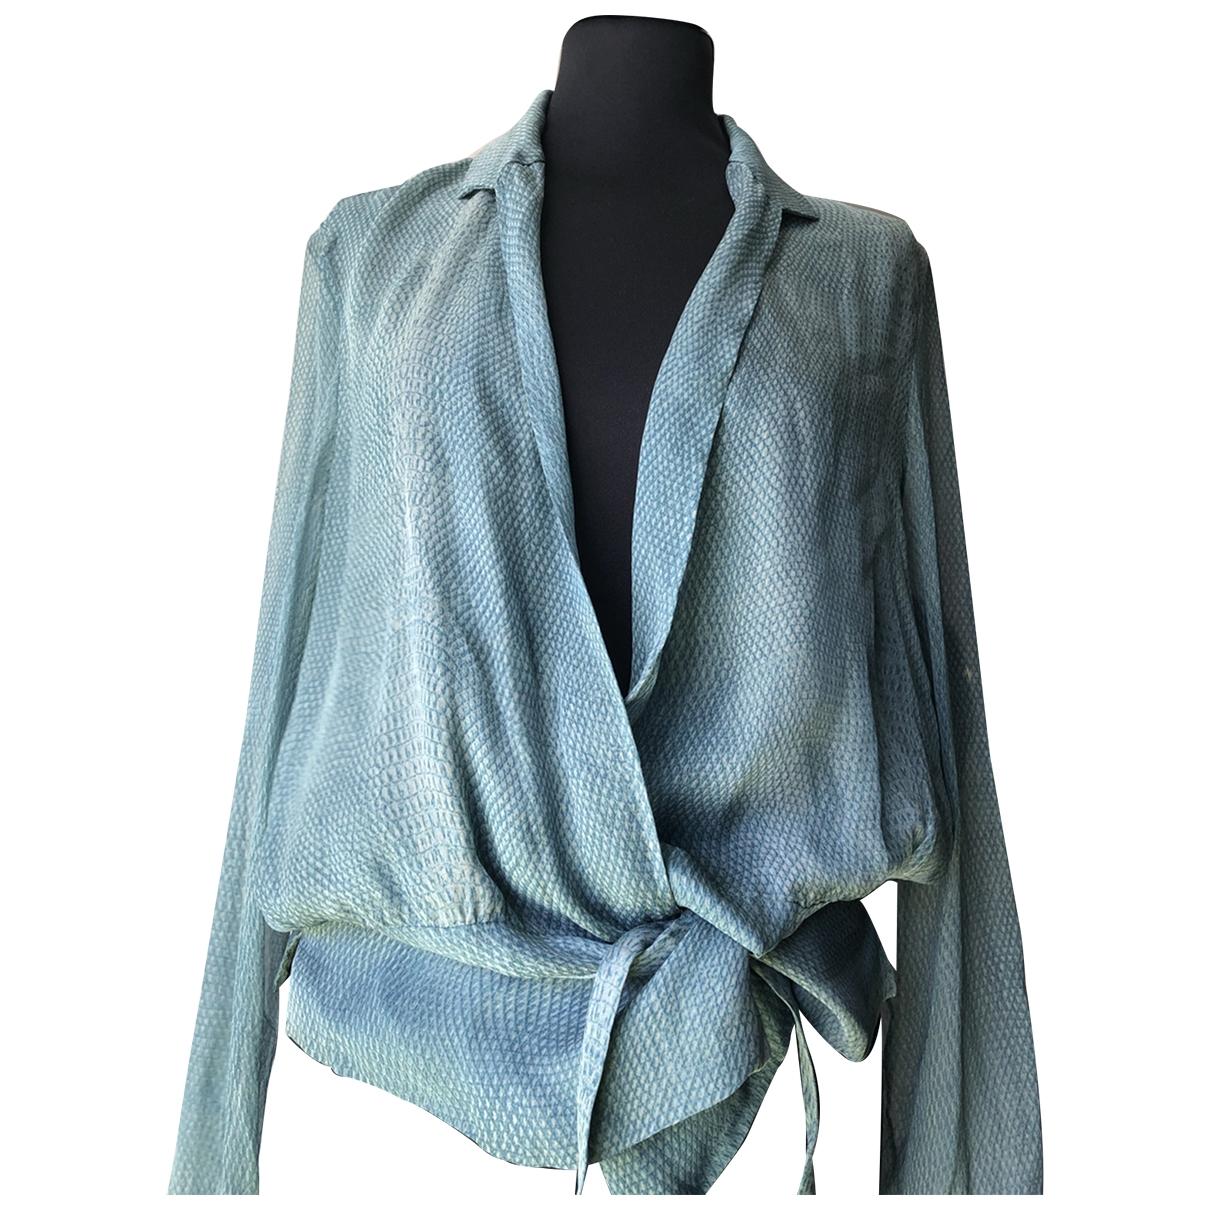 Yves Saint Laurent - Top   pour femme en soie - gris